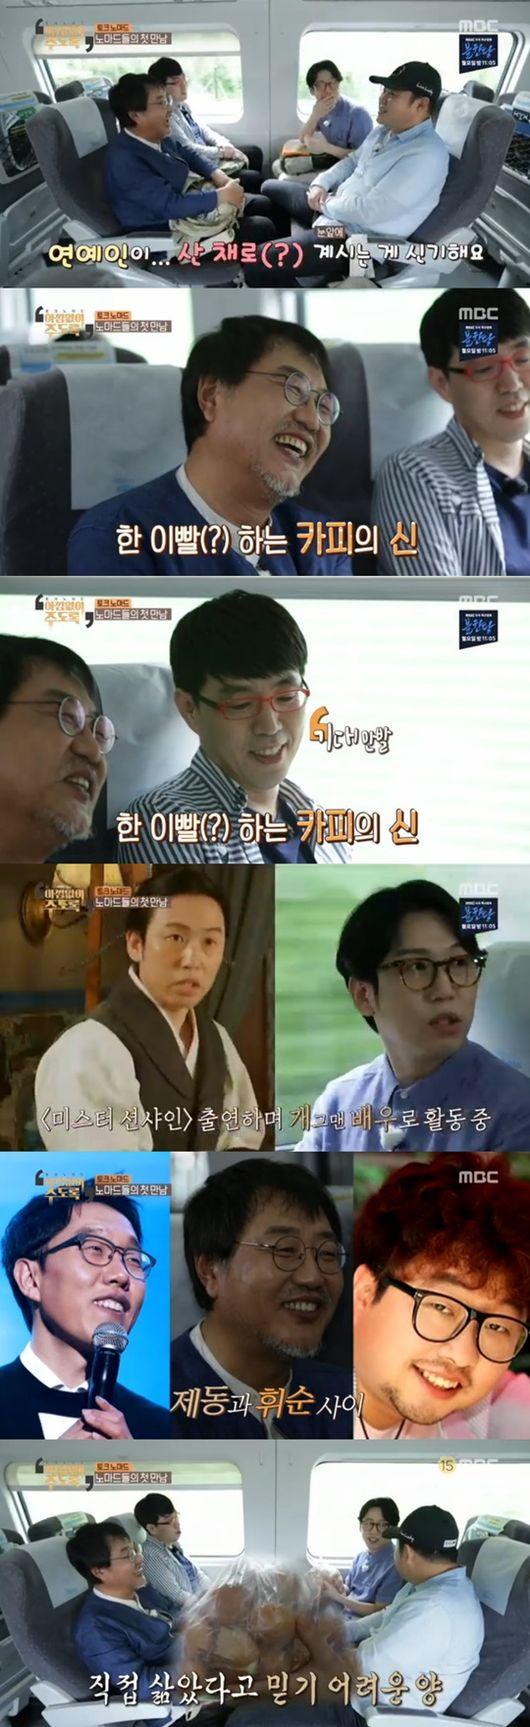 토크노마드 첫방, 이동진X정철의 저력·남창희의 가능성 [Oh!쎈 리뷰]